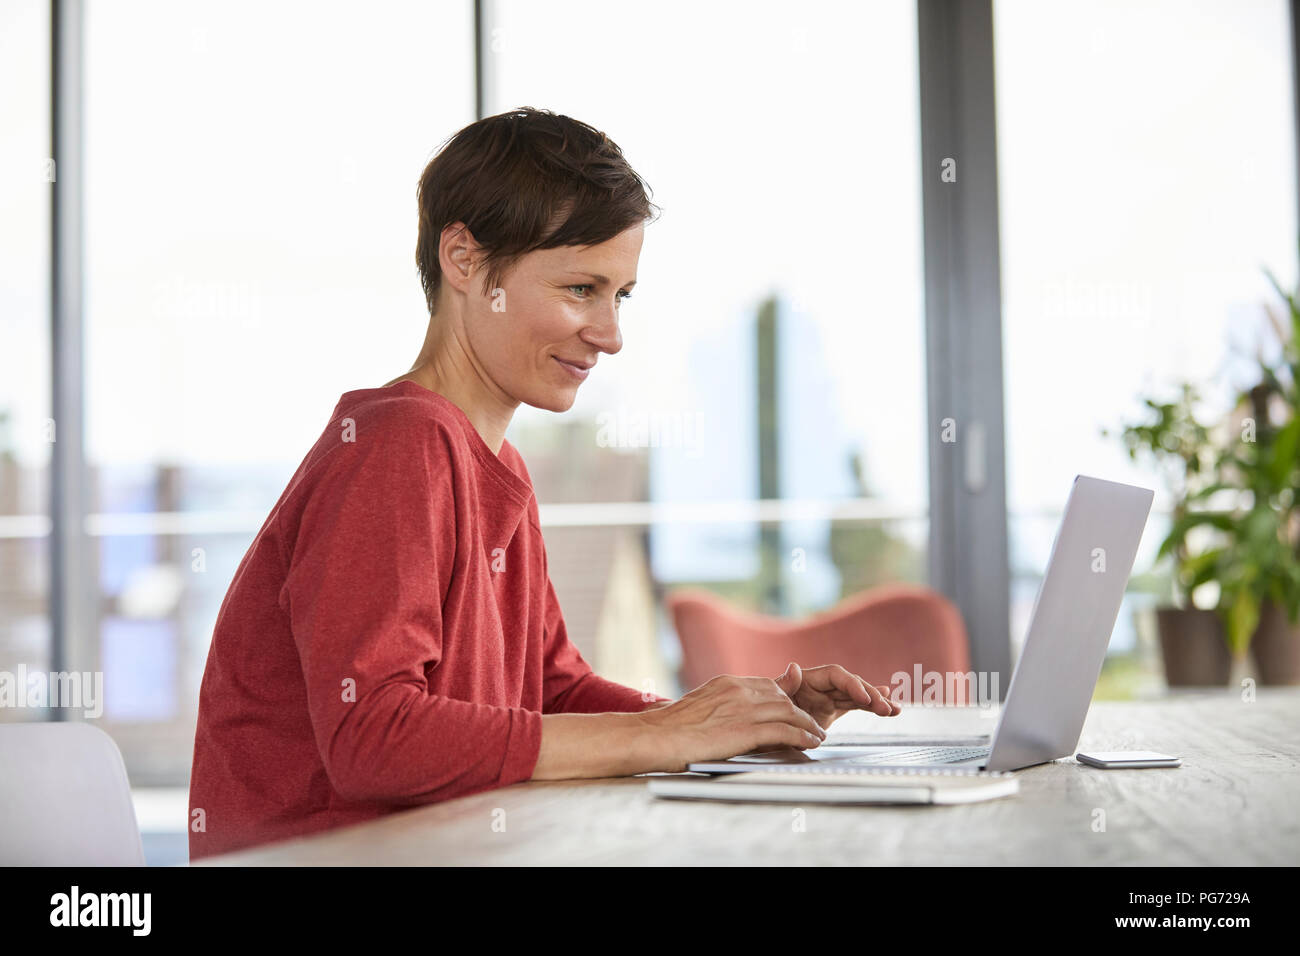 Lächelnde Frau am Tisch zu Hause sitzt mit Laptop Stockbild